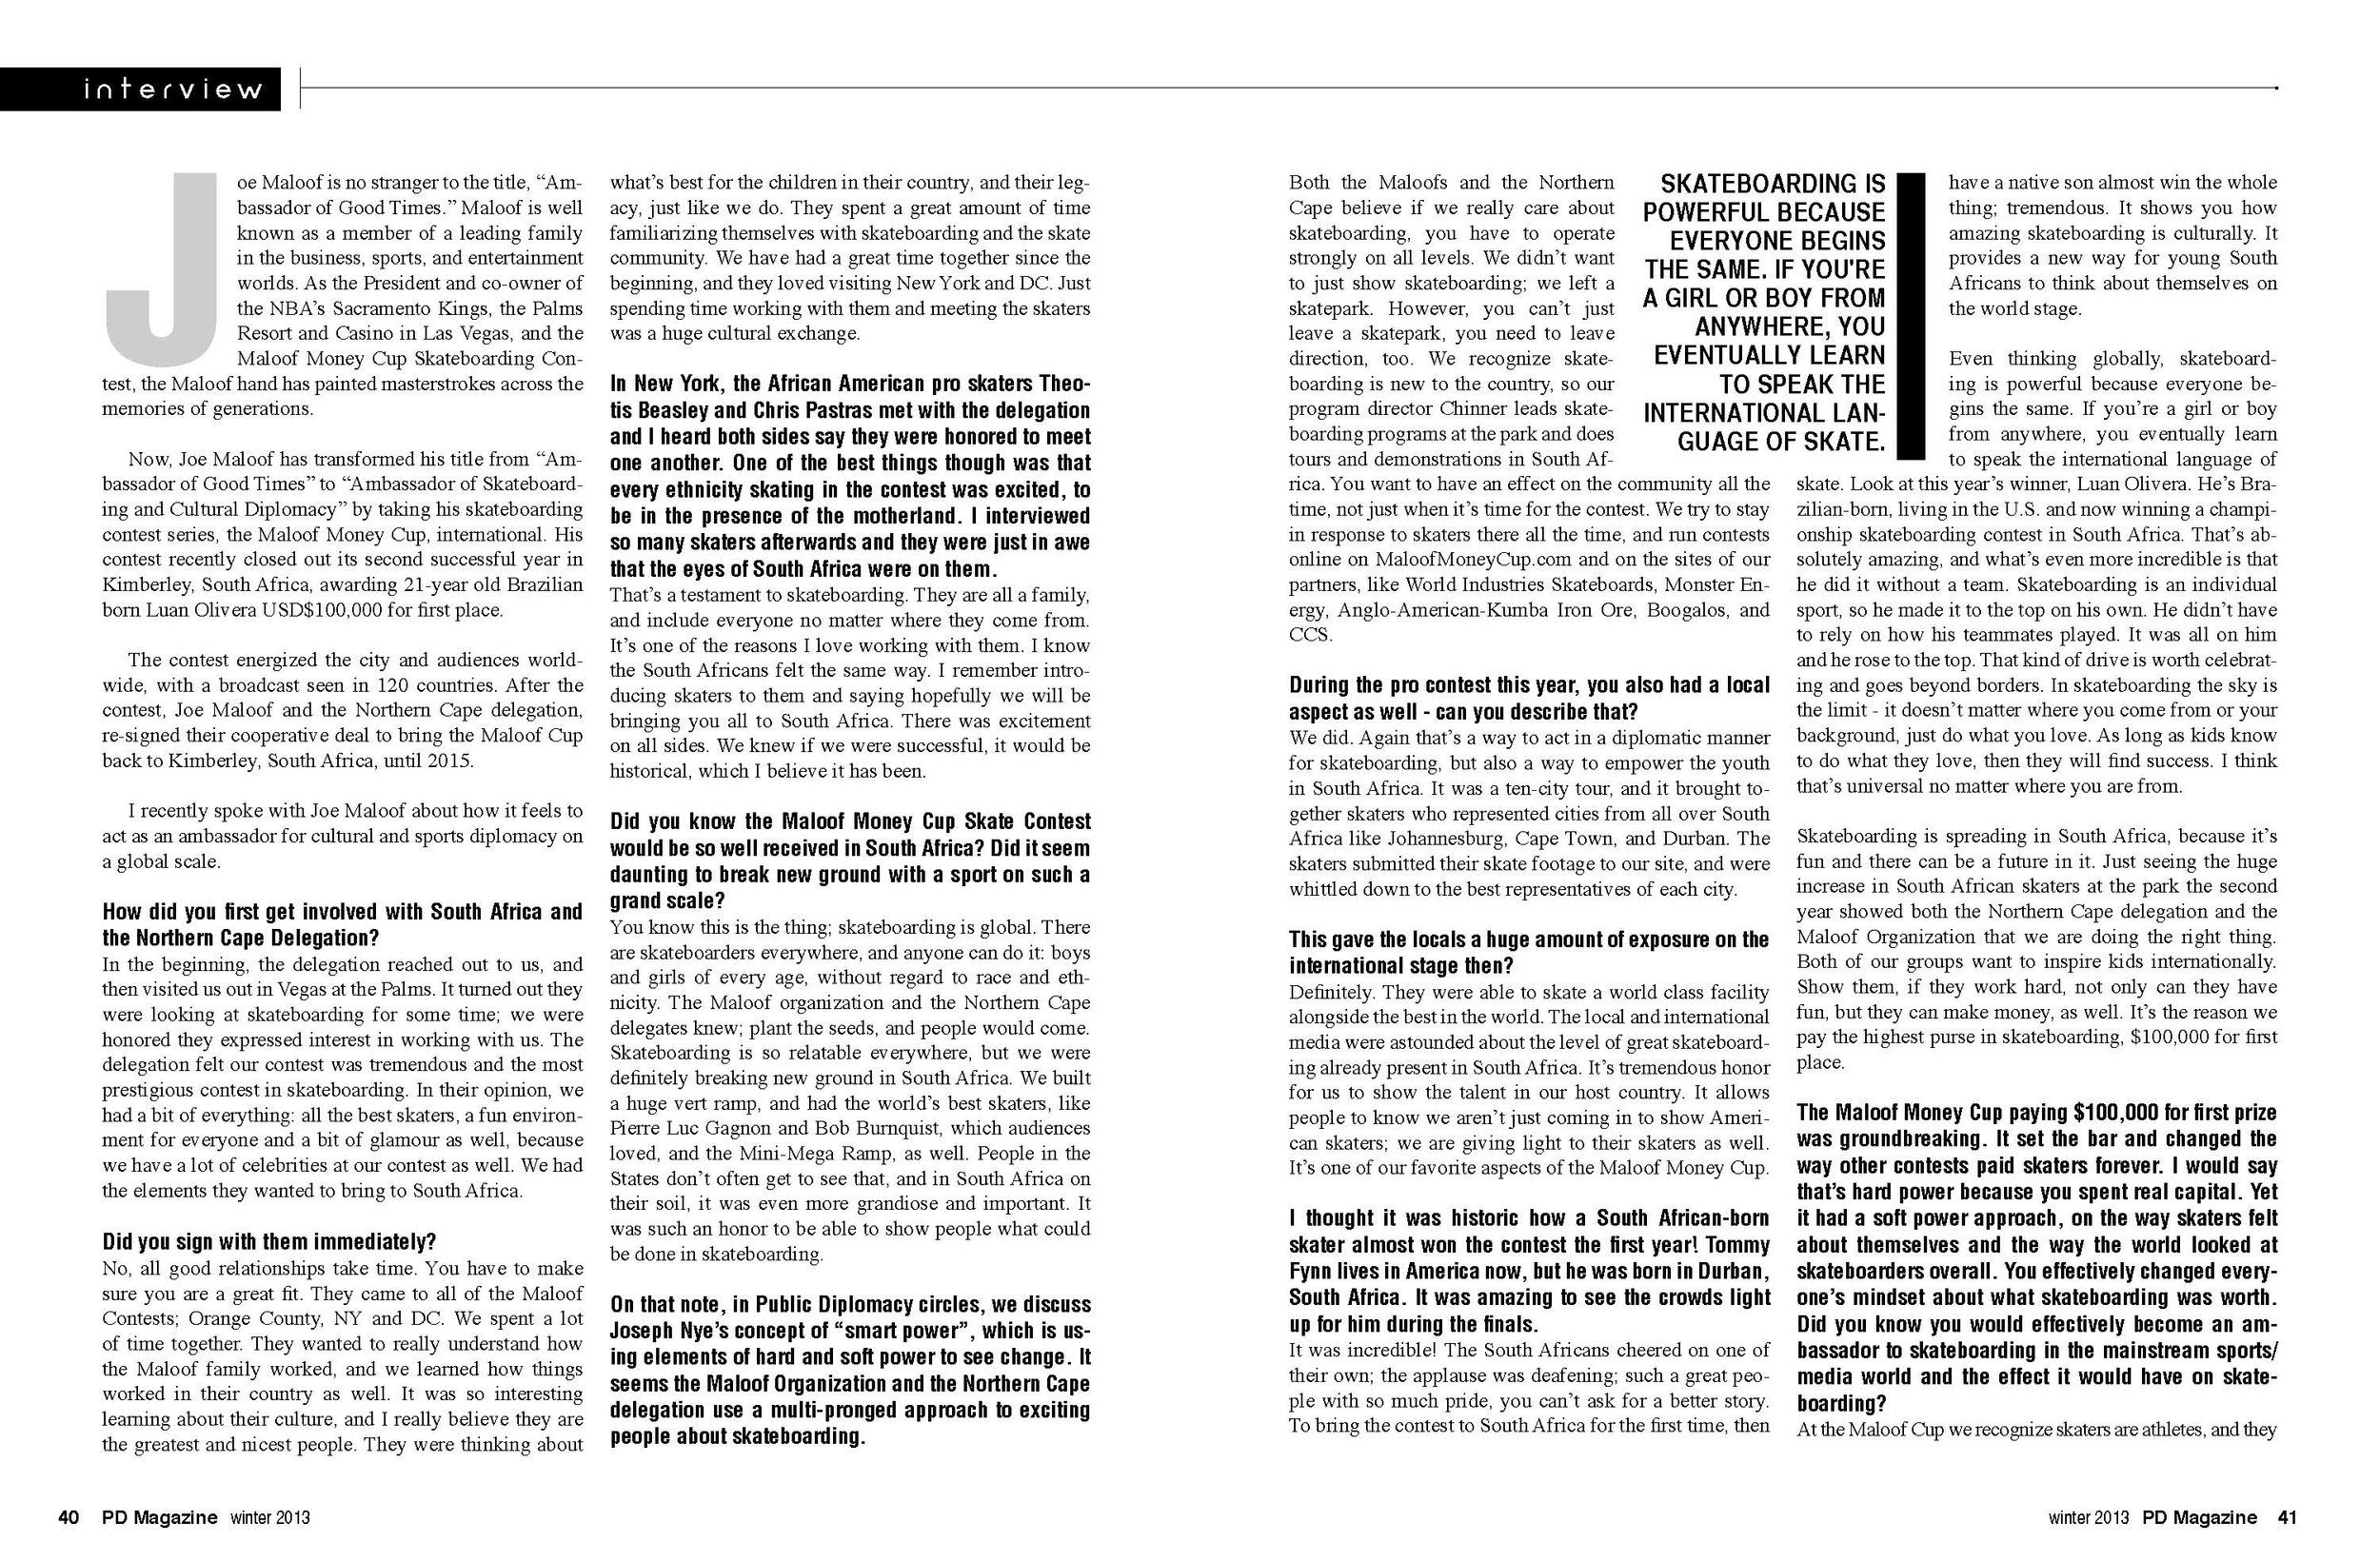 Joe Maloof Interview Page 2